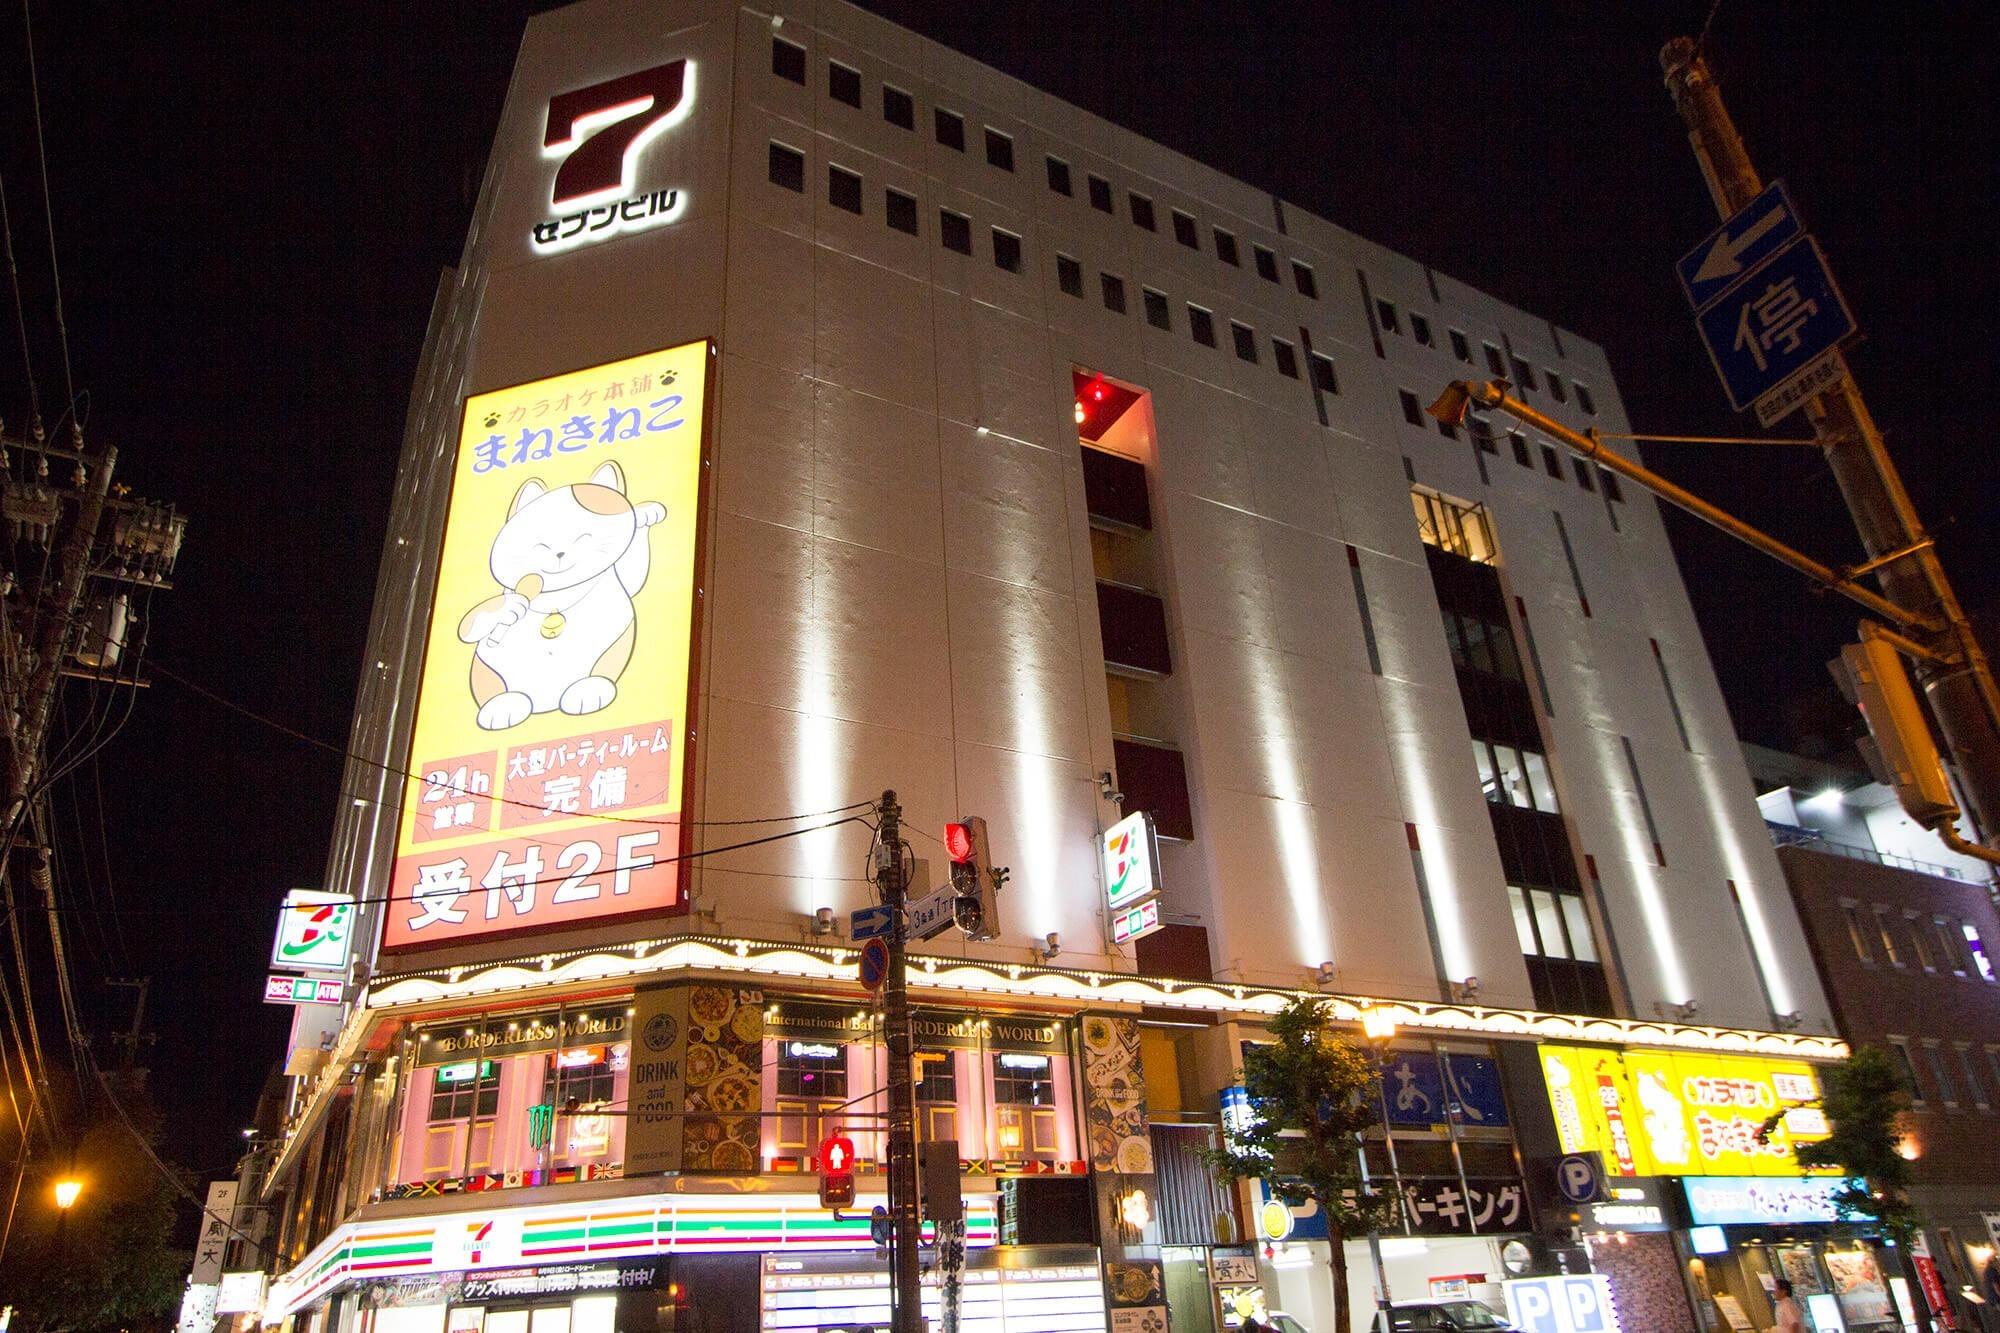 08【Go to Asahikawa】旭川駅近MAX8 FreeWi-Fi 繫華 36街 コンビニ